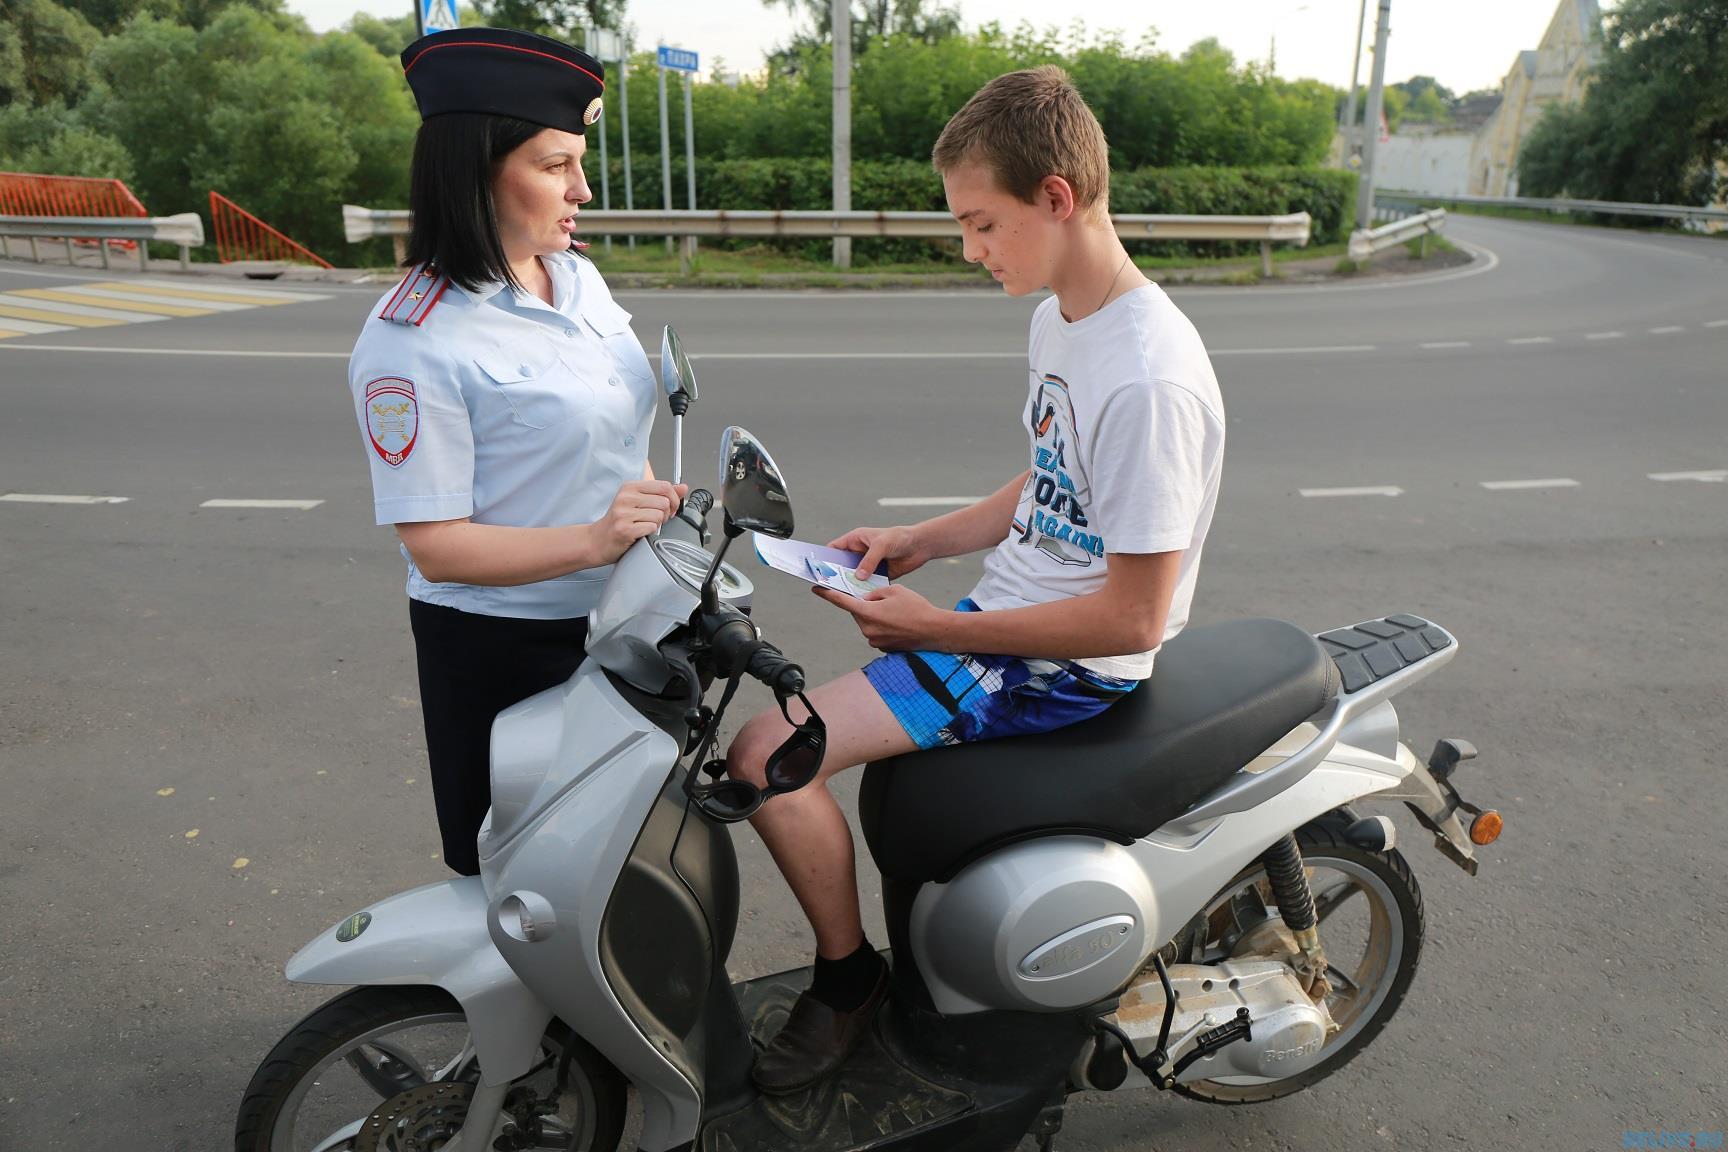 С 6 по 11 июля сотрудники Госавтоинспекции проведут на территории Петровского района профилактическое мероприятие «Велосипед, скутер, мопед»